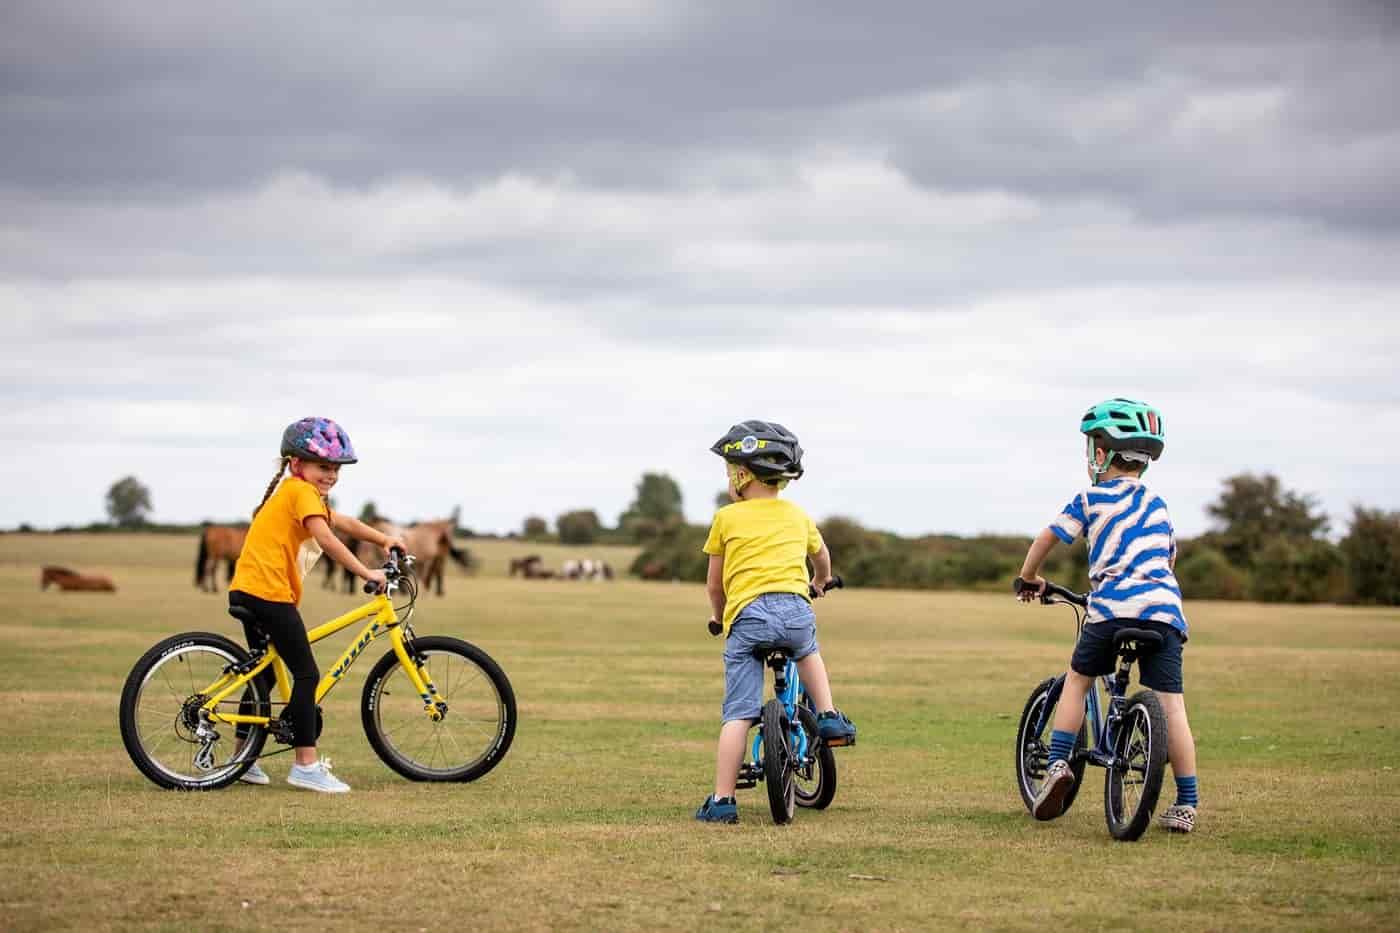 andar bicicleta infantil no ar livre